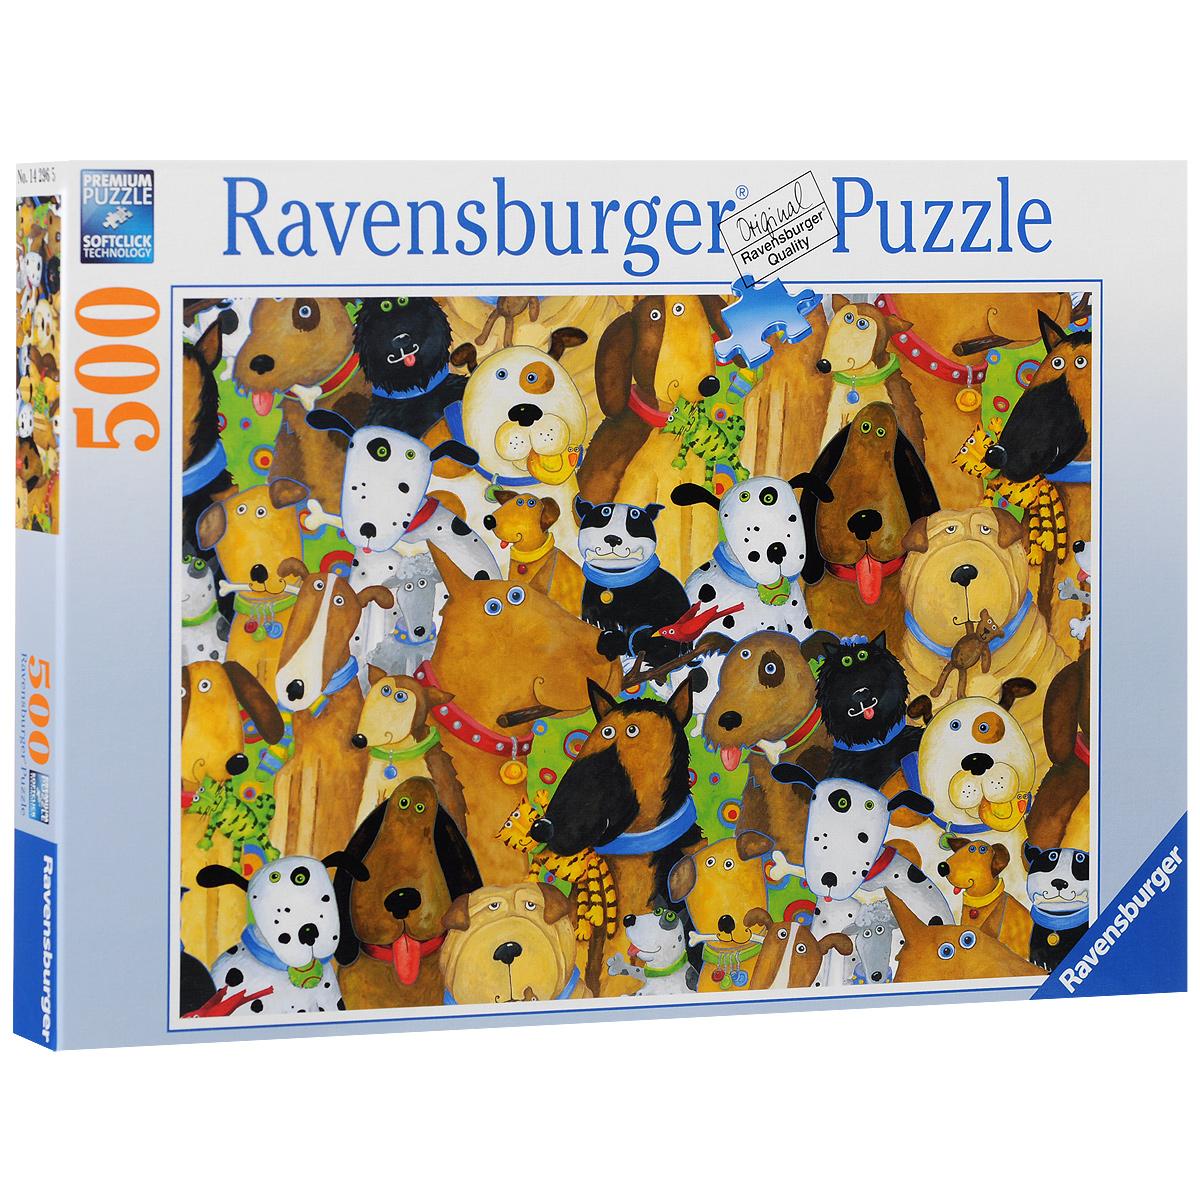 Ravensburger Веселые собаки. Пазл, 500 элементов142965Пазл Ravensburger Веселые собаки, без сомнения, придется вам по душе. Собрав этот пазл, включающий в себя 500 элементов, вы получите великолепную картину с изображением собак. Каждая деталь имеет свою форму и подходит только на своё место. Нет двух одинаковых деталей! Пазл изготовлен из картона высочайшего качества. Все изображения аккуратно отсканированы и напечатаны на ламинированной бумаге. Пазл - великолепная игра для семейного досуга. Сегодня собирание пазлов стало особенно популярным, главным образом, благодаря своей многообразной тематике, способной удовлетворить самый взыскательный вкус. А для детей это не только интересно, но и полезно. Собирание пазла развивает мелкую моторику у ребенка, тренирует наблюдательность, логическое мышление, знакомит с окружающим миром, с цветом и разнообразными формами.